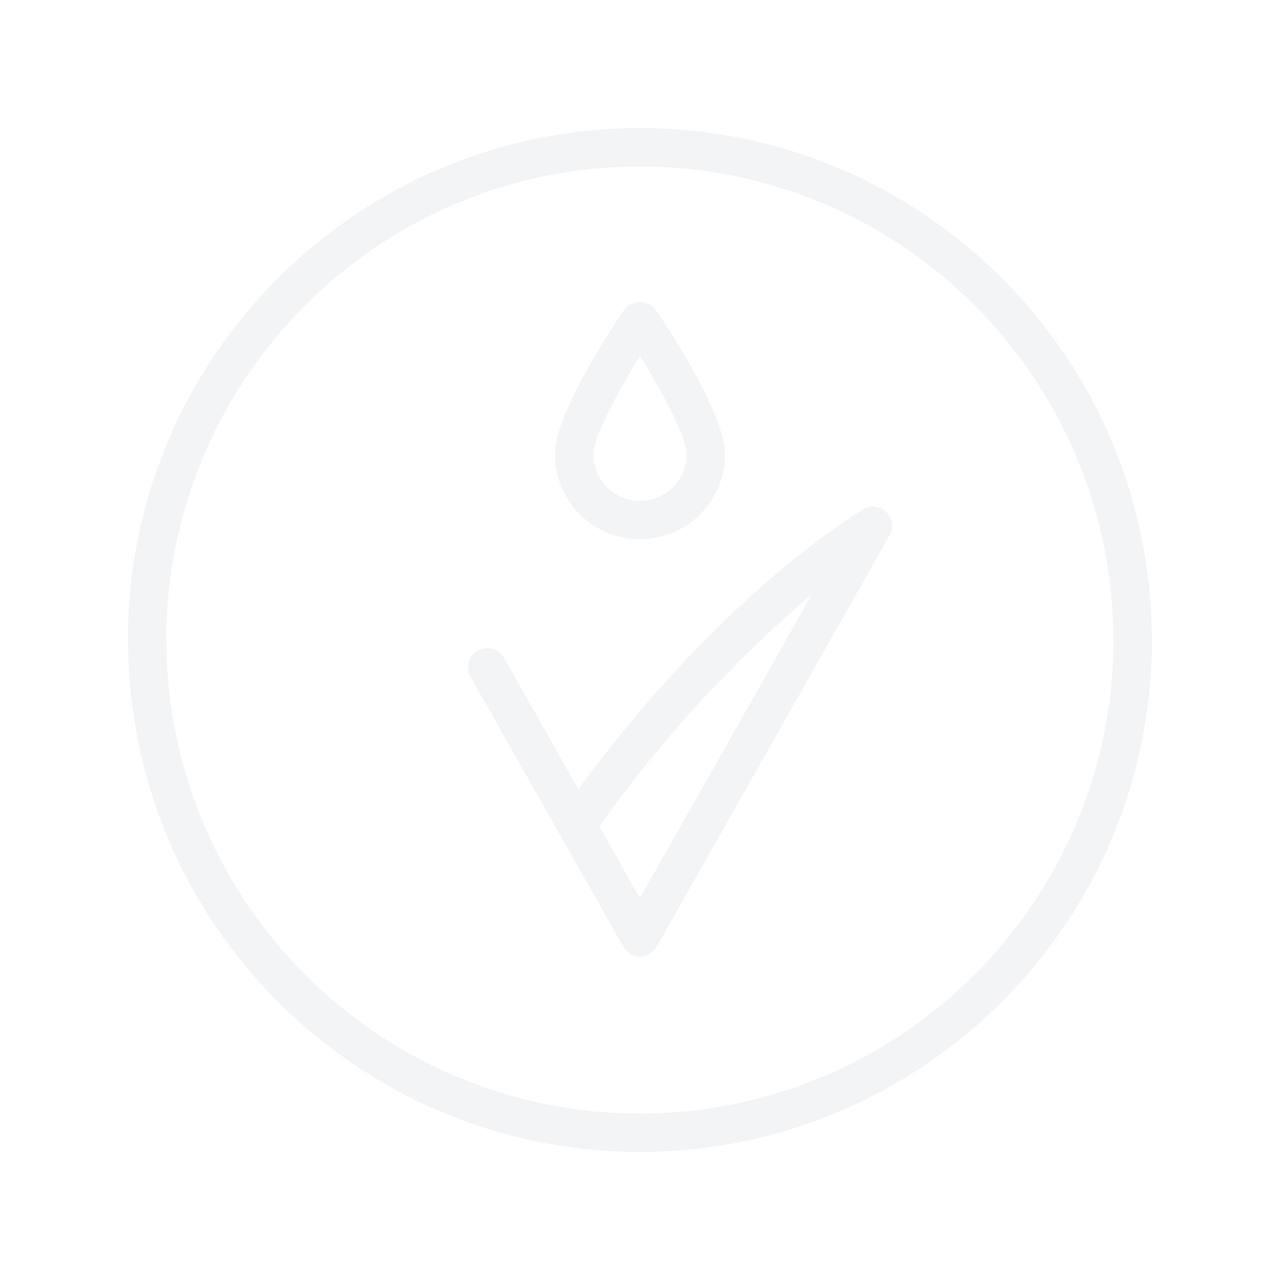 Sleek Makeup Cream Contour Kit 12g